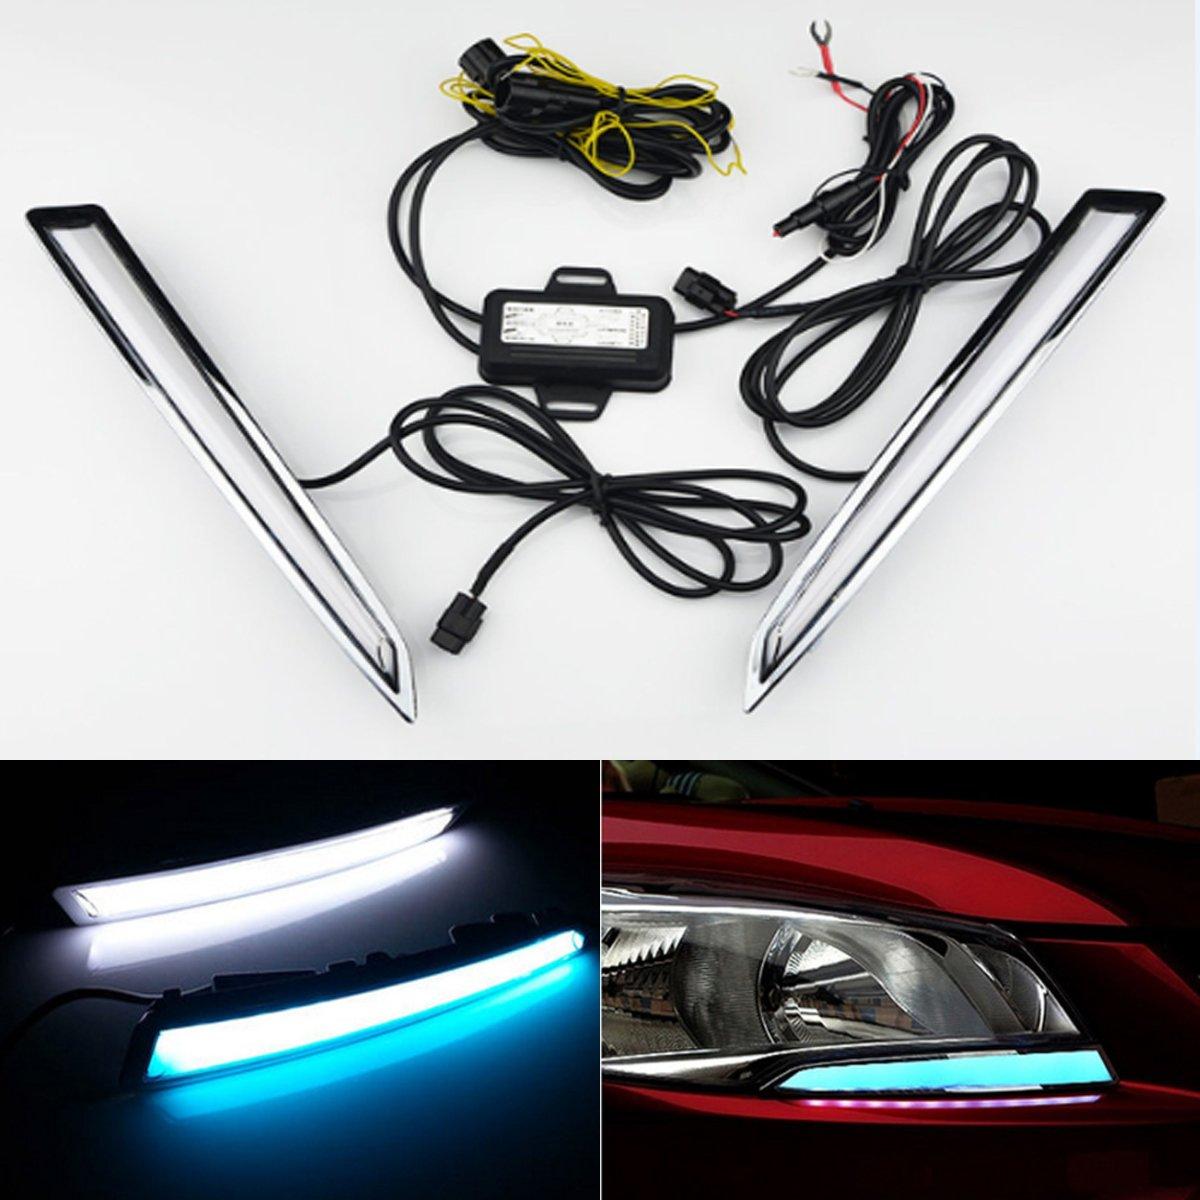 DRL For Ford Kuga Escape 2013 2014 2015 2016 LED Daytime Running Light Fog Lamp